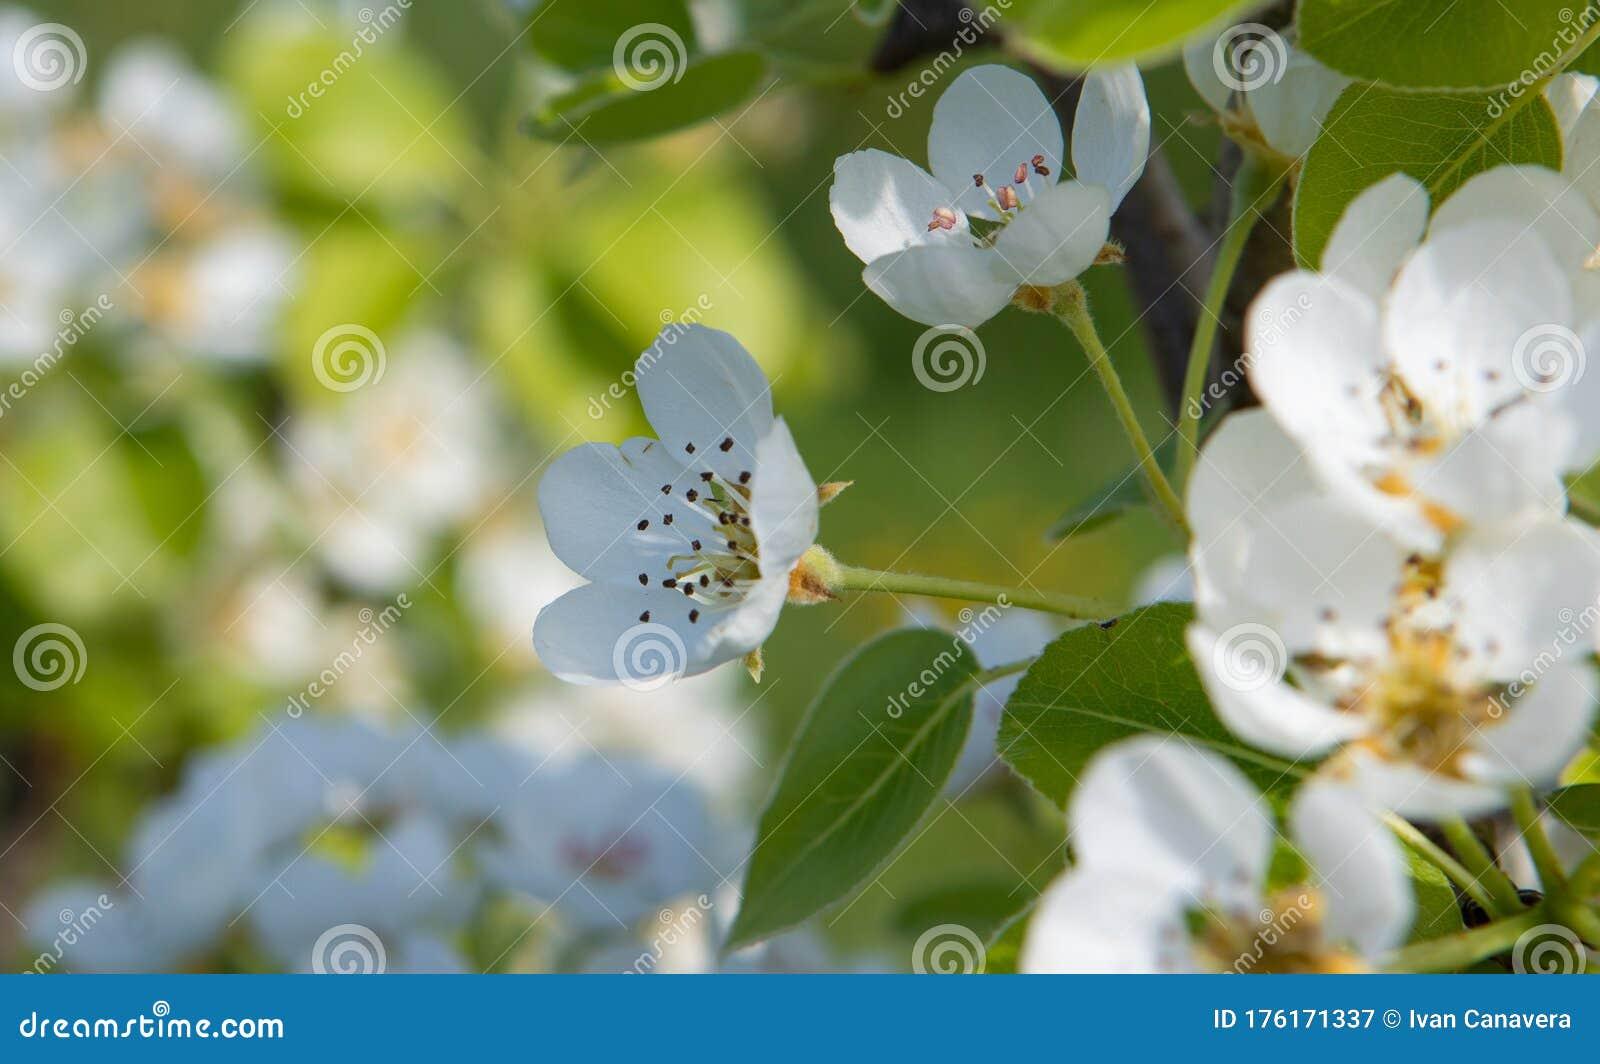 Foto Fiori Bianchi.Pear Flowers With Bee Fiori Bianchi Di Pero Con Ape Stock Image